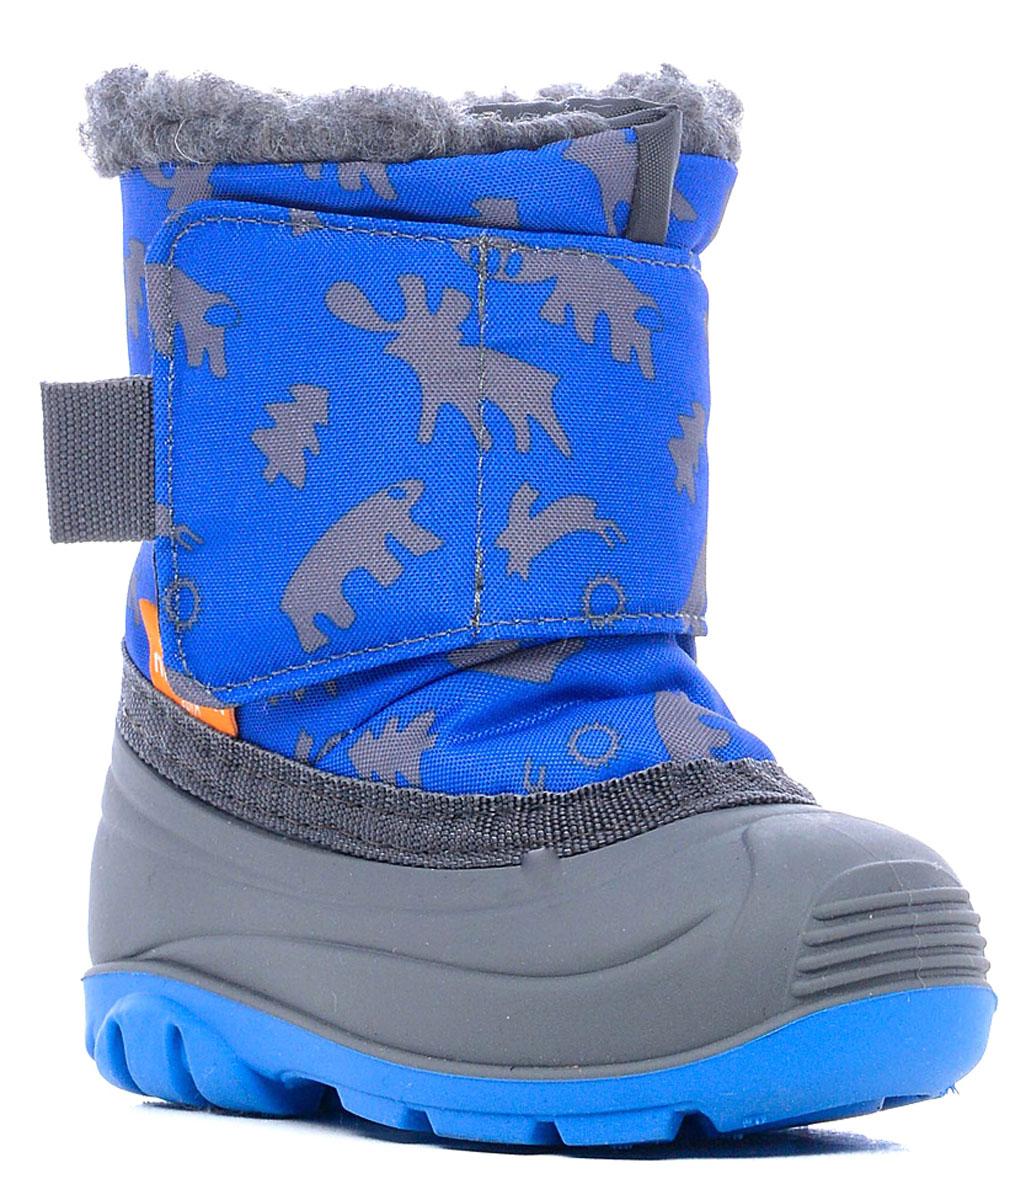 Дутики111006-04Детские сноубутсы Nordman защитят ножки малыша, когда на улице слякоть и снежная каша. Оптимально их носить при температуре от +5°С до -5°С. Нижняя часть полностью водонепроницаемая, верхняя - из ткани с водоотталкивающей пропиткой. Внутри - теплый мех и мягкая войлочная стелька. У сапожек удобная широкая липучка. Подошва с рифлением обеспечивает идеальное сцепление с разными поверхностями.